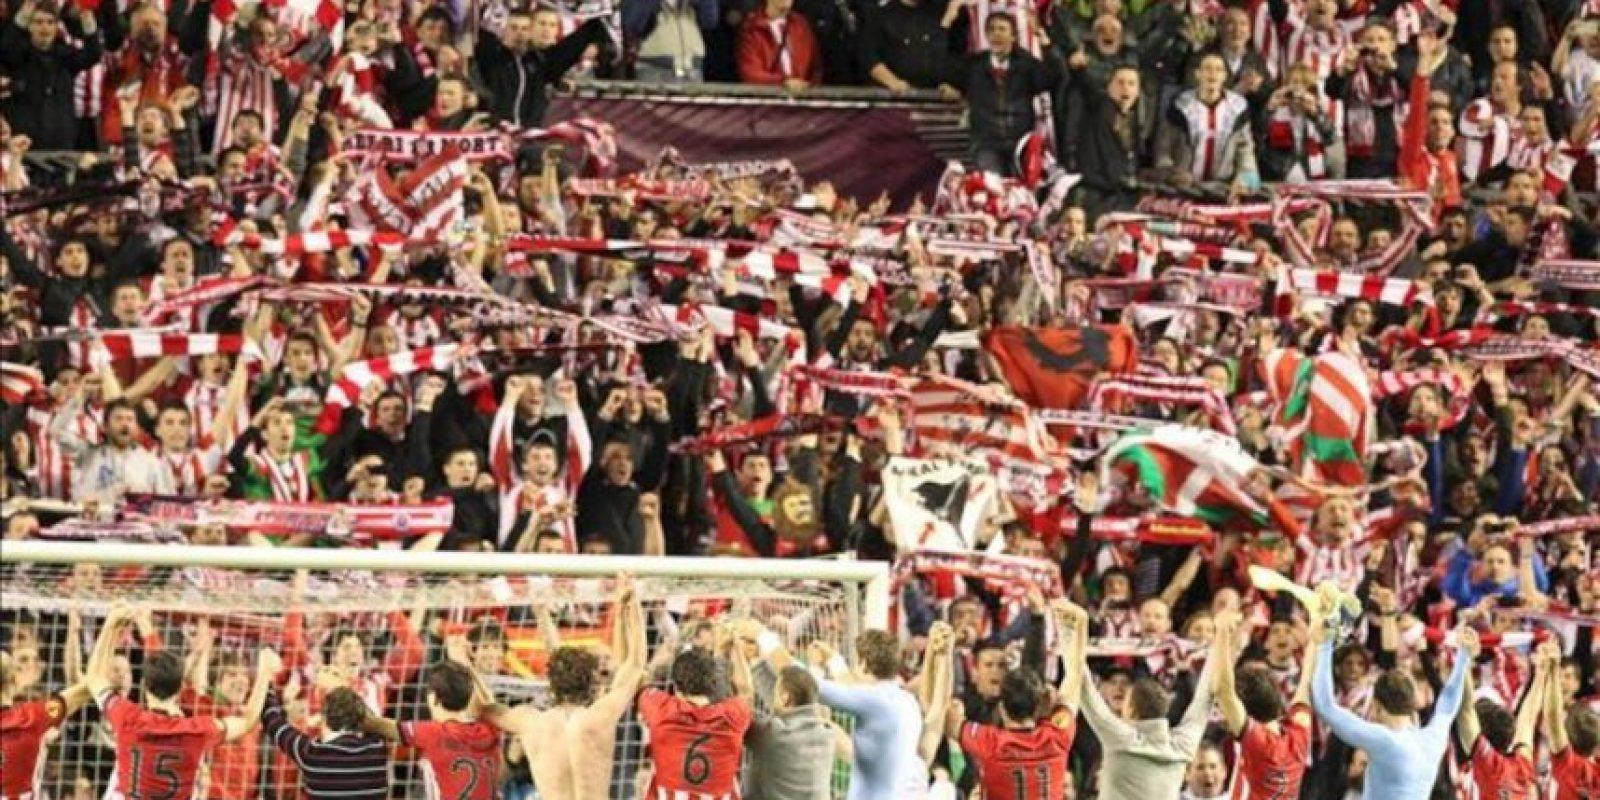 Los jugadores del Athletic Club celebran con la afición la clasificación del equipo para la final de la Liga Europa al eliminar al Sporting de Lisboa, tras el partido de vuelta de las semifinales disputado esta noche en el estadio de San Mamés, en Bilbao. EFE